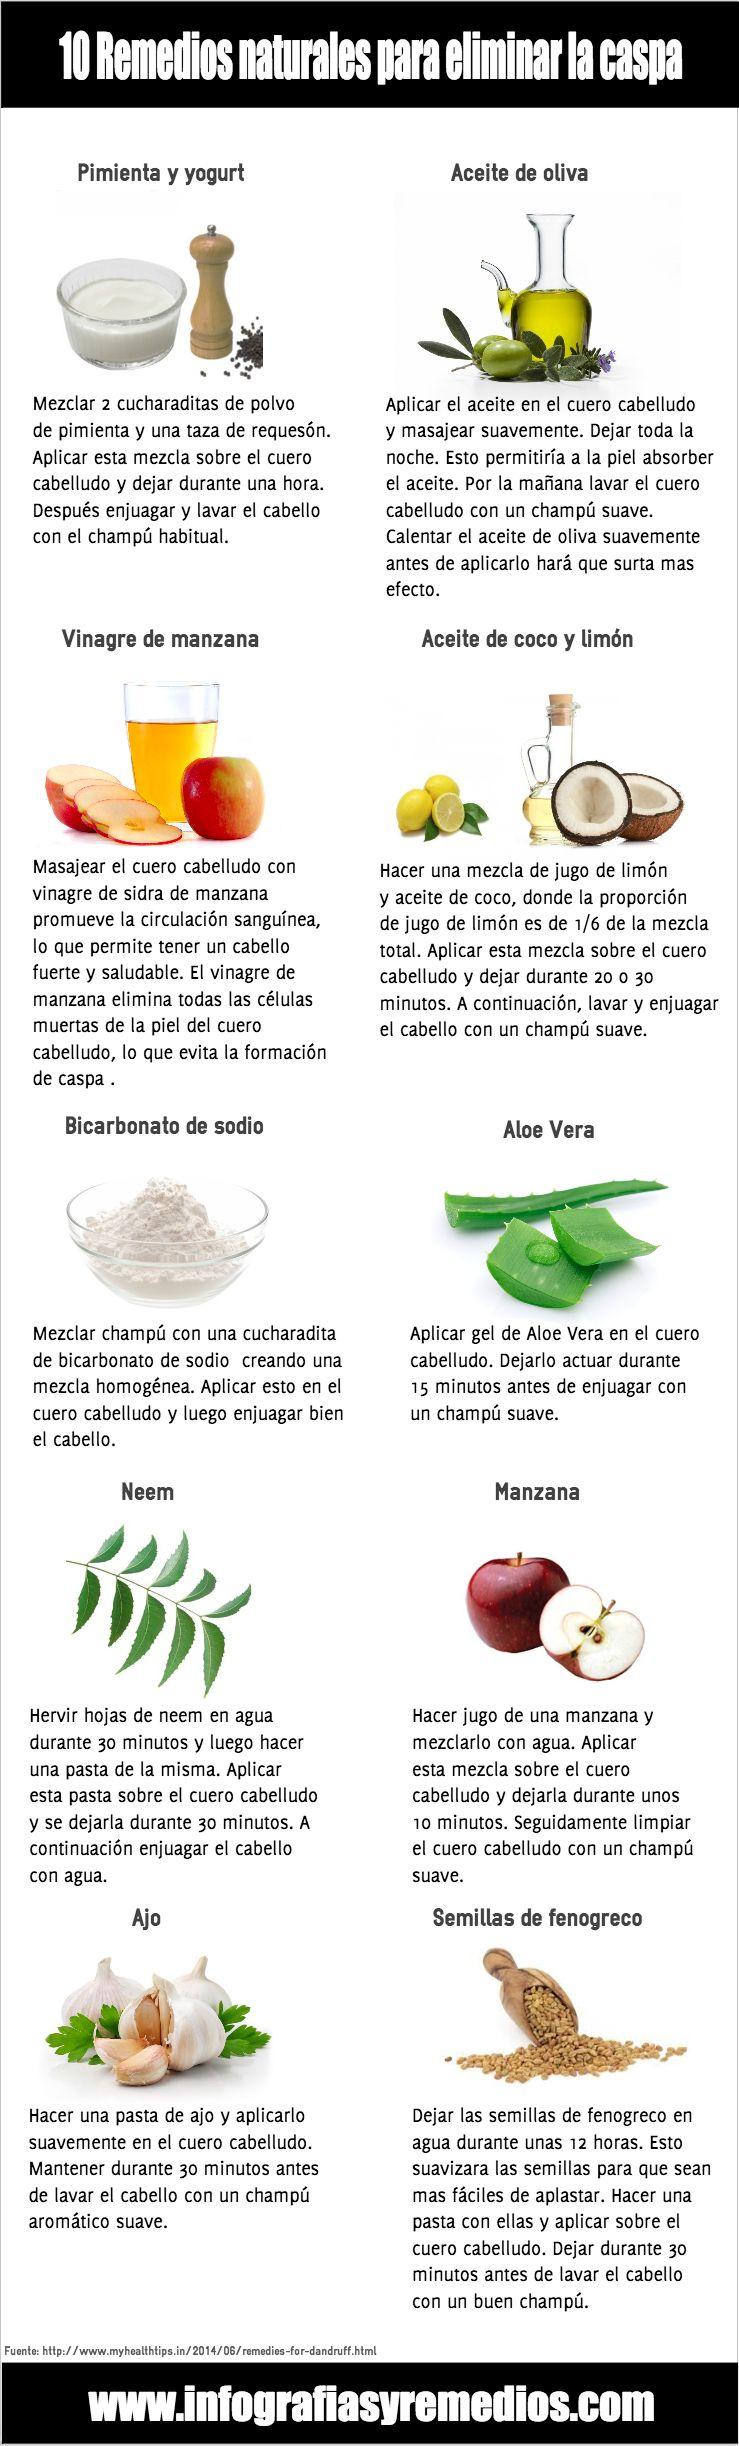 tratamientos para quitar la caspa naturales